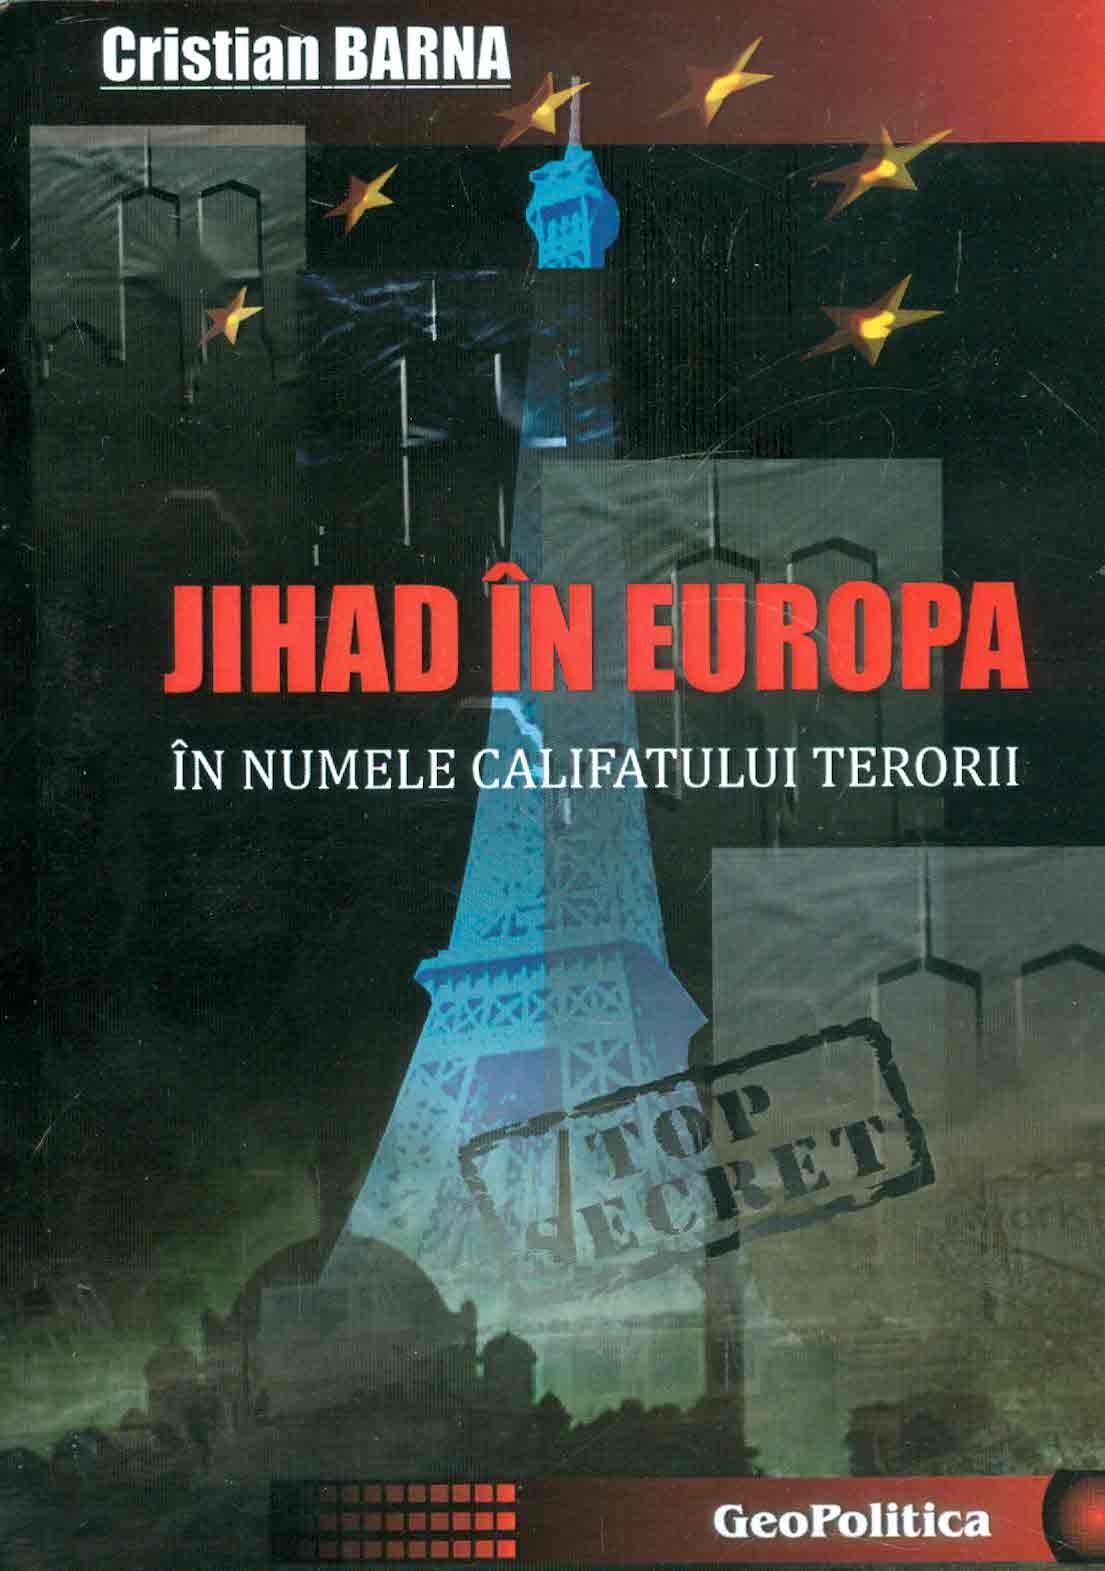 Cristian-Barna__Jihad-in-Europa-in-numele-Califatului-terorii__606-8550-49-7-785334323468